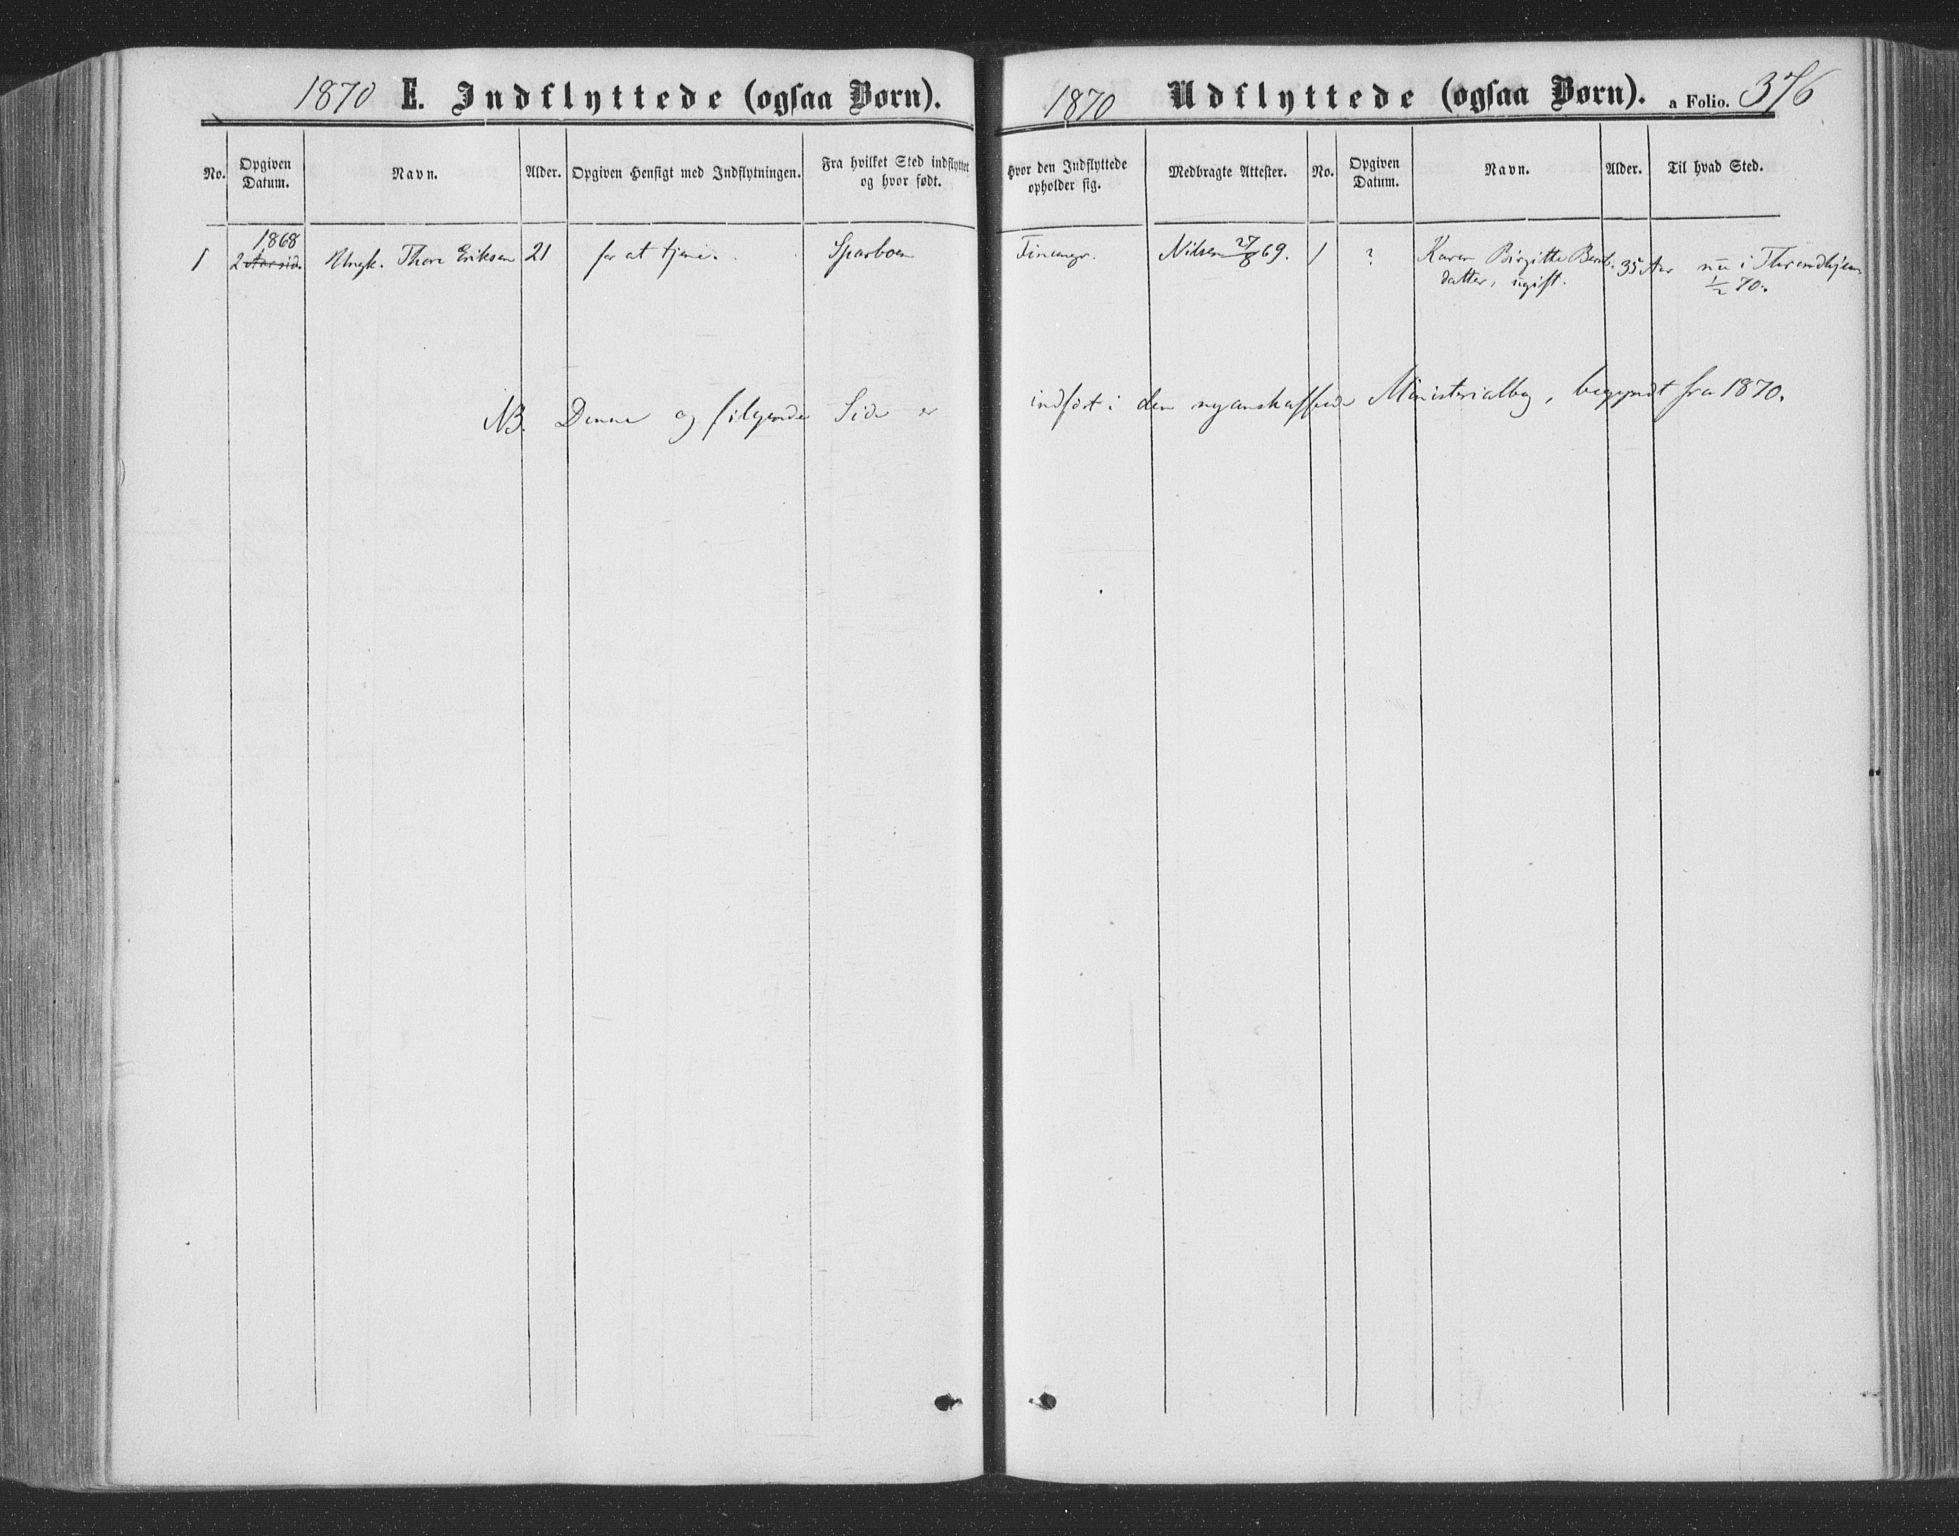 SAT, Ministerialprotokoller, klokkerbøker og fødselsregistre - Nord-Trøndelag, 773/L0615: Ministerialbok nr. 773A06, 1857-1870, s. 376